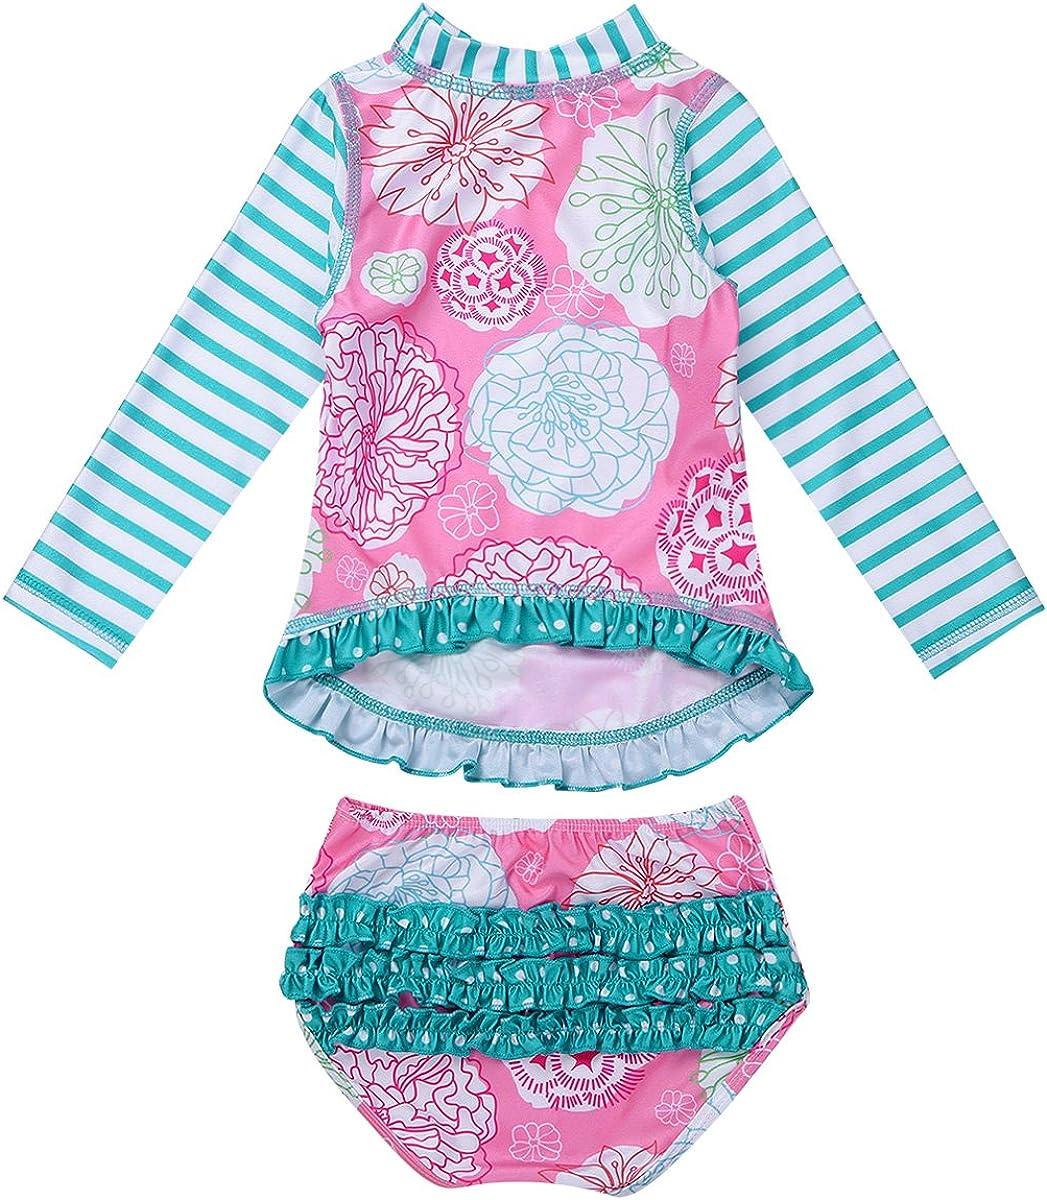 iiniim Baby Little Girls Two Piece Long Sleeve Rash Guard Swimsuit Shirt Top with Bottom Bathing Suit UPF 50+